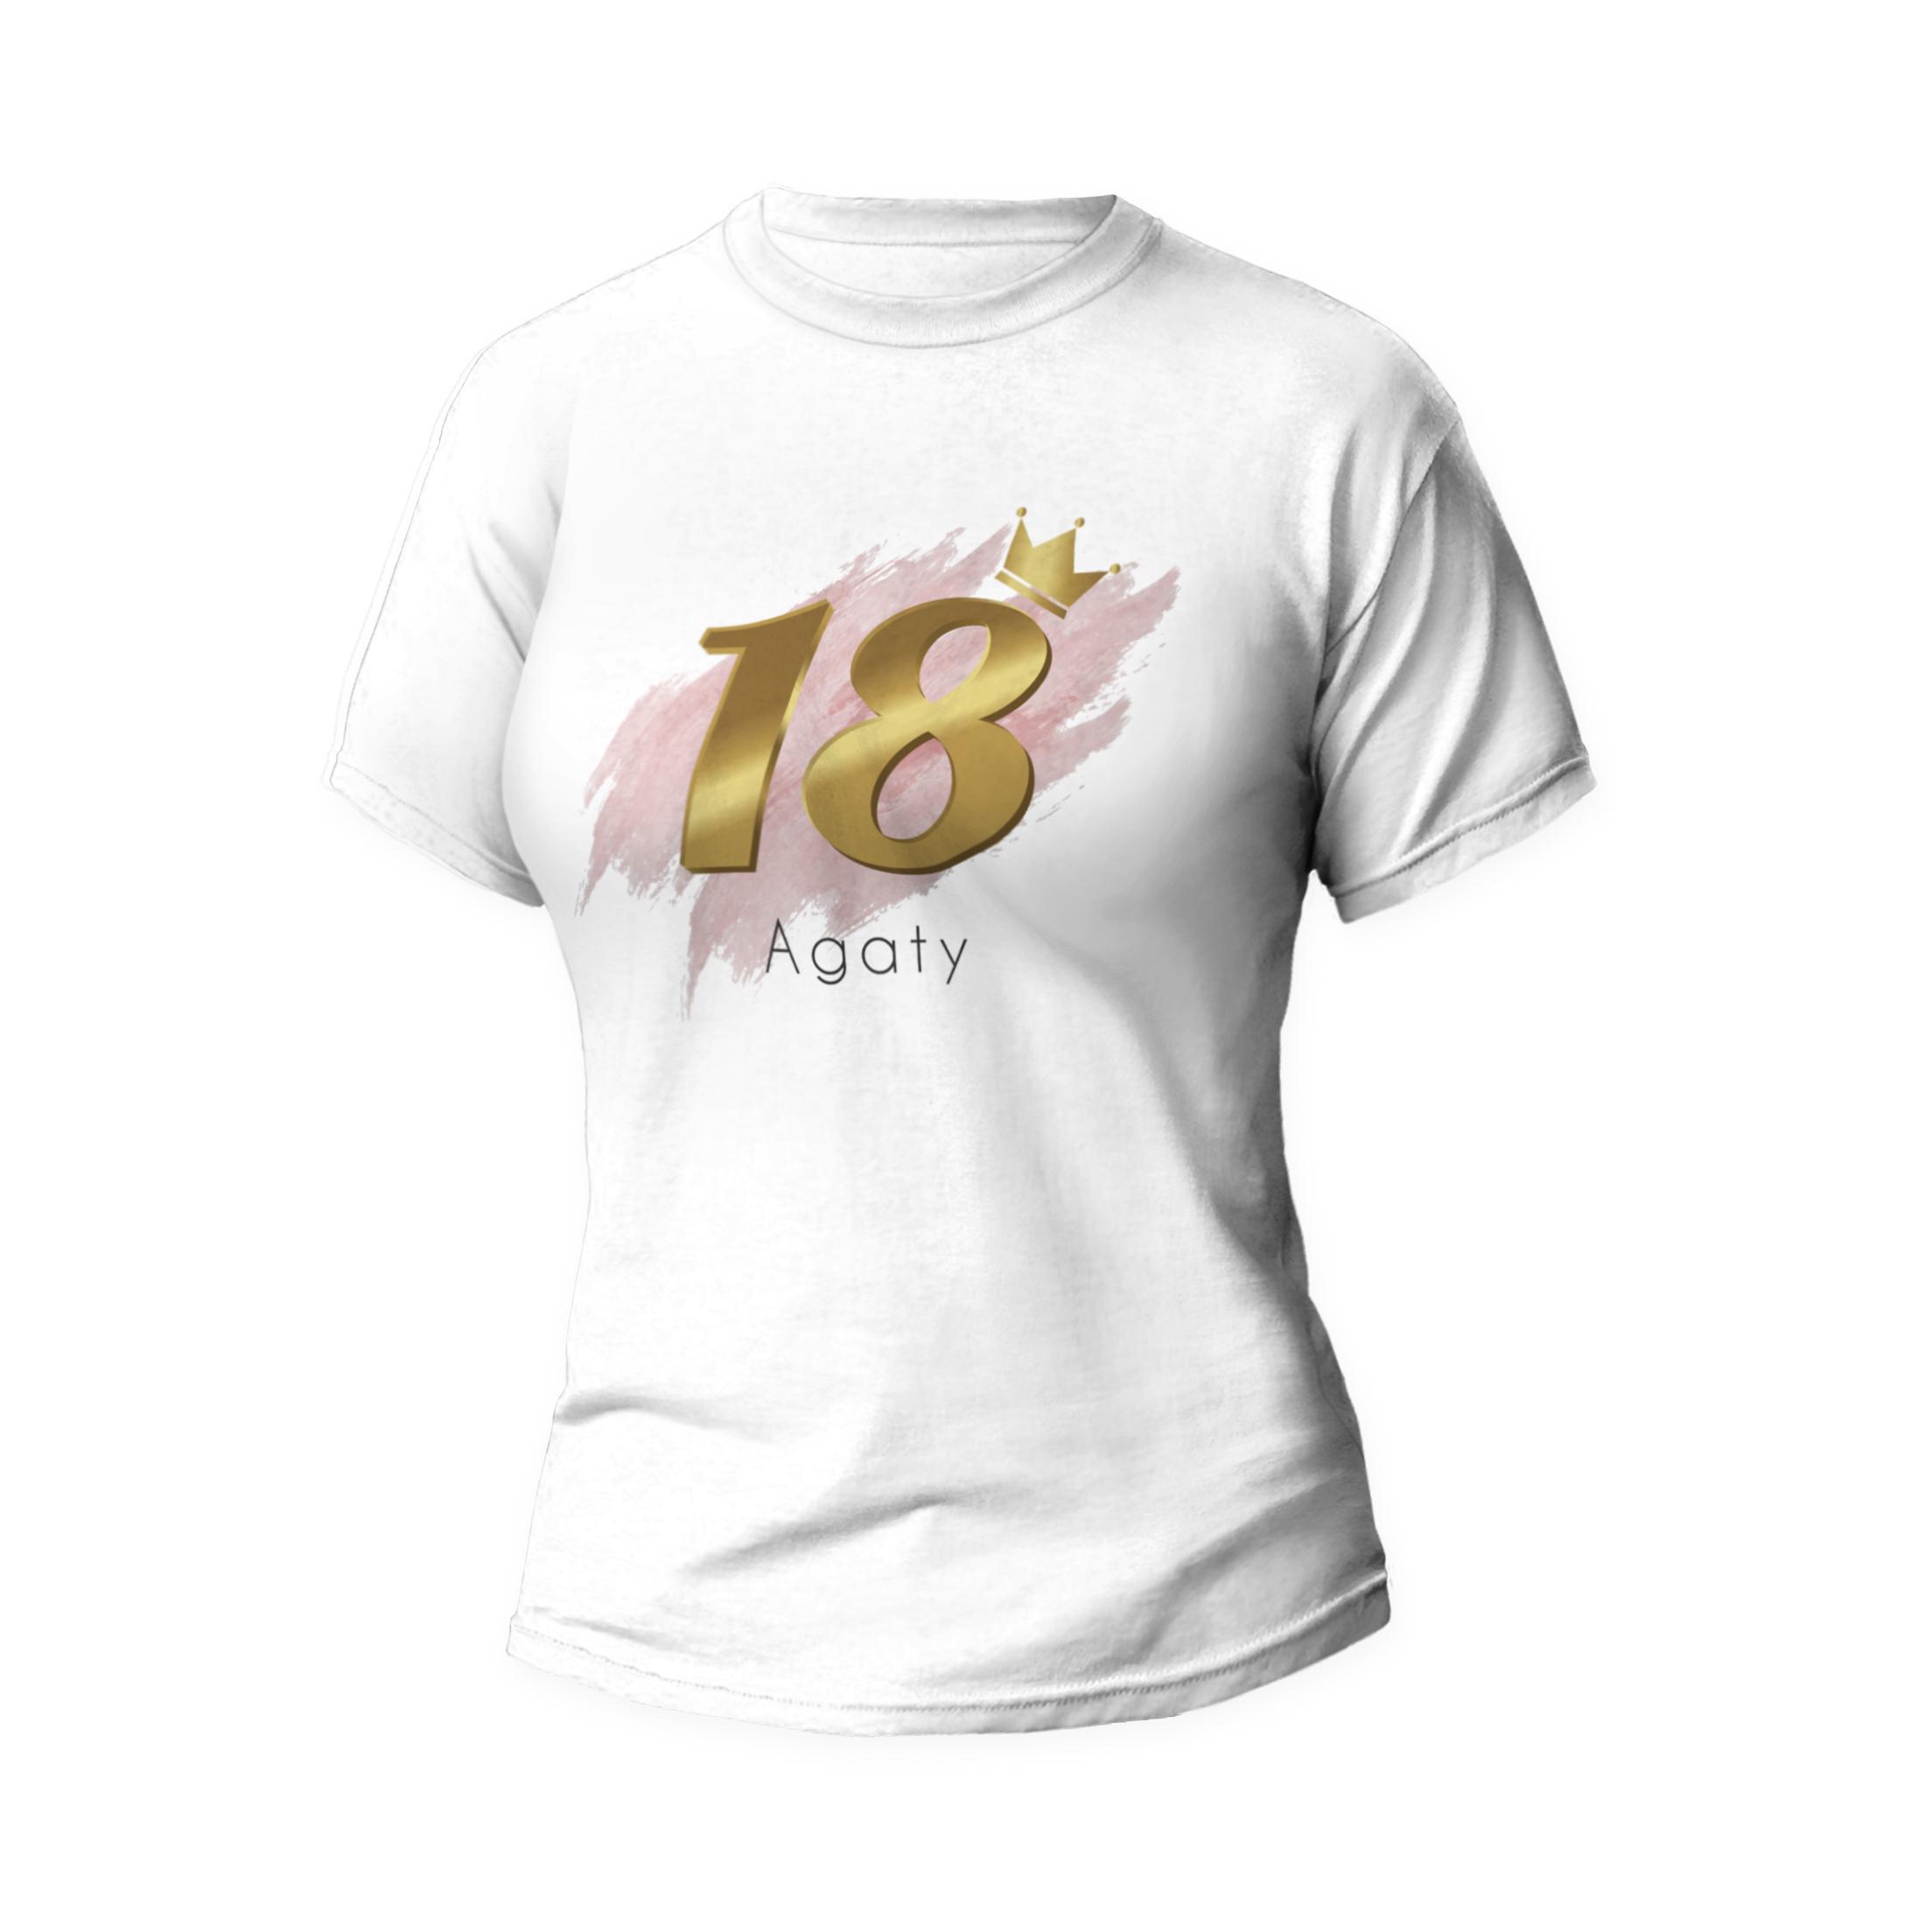 Rozmiar L - koszulka damska z własnym nadrukiem na urodziny - 18 osiemnastka - biała